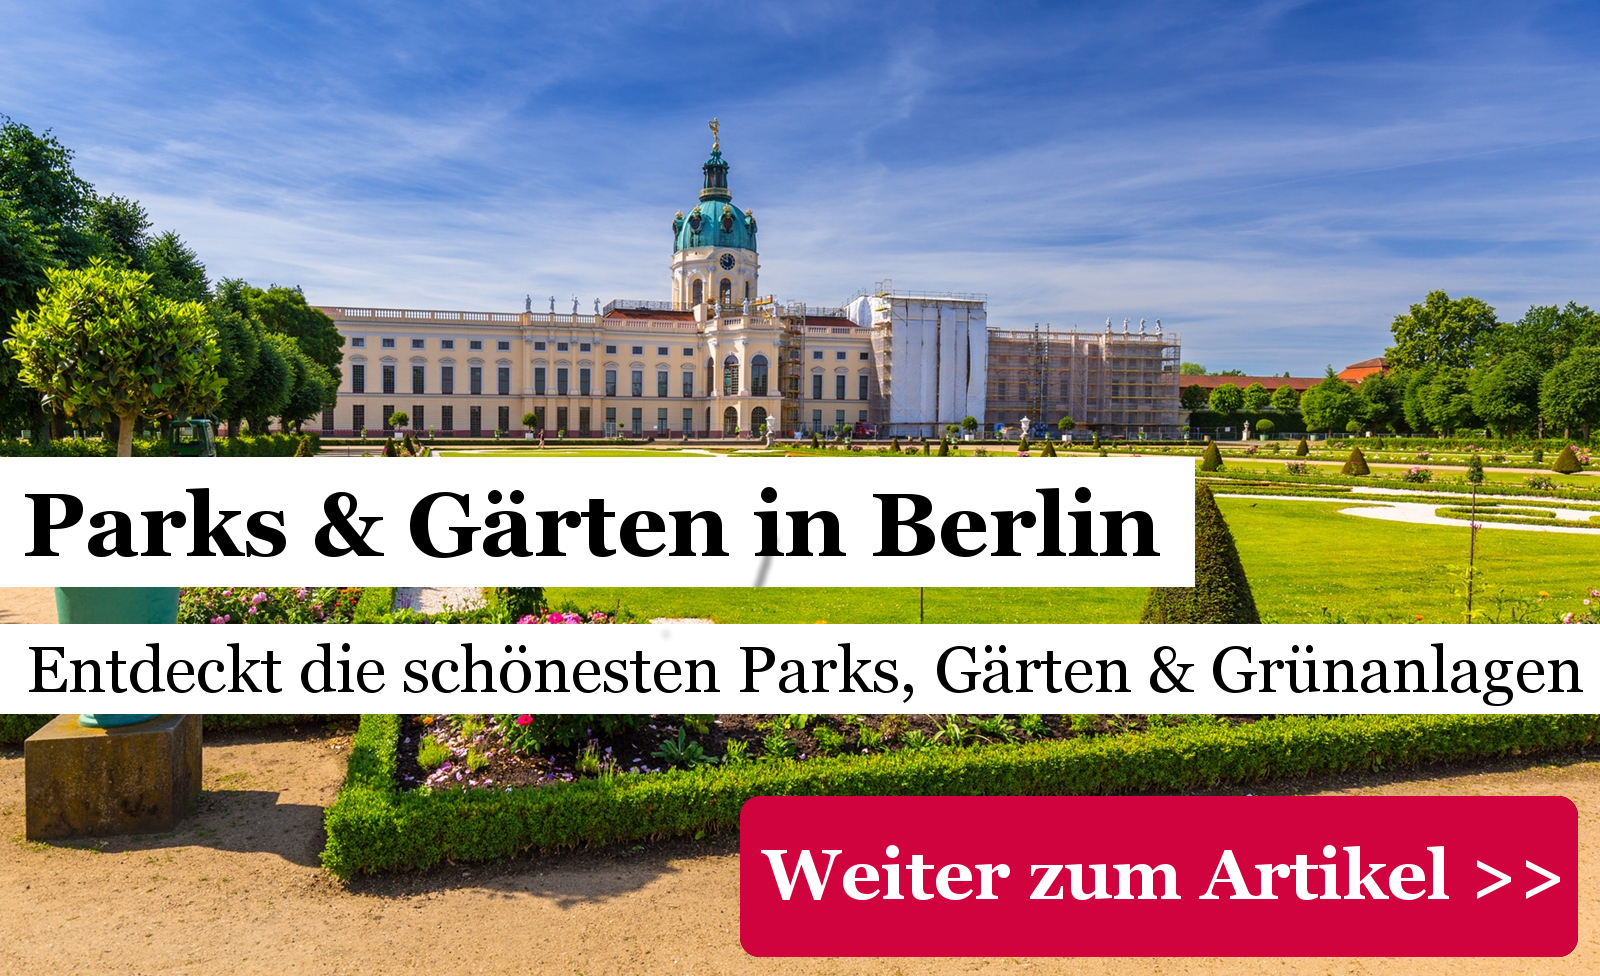 Suggerimenti su Berlino: Consigli utili per il tuo viaggio a Berlino